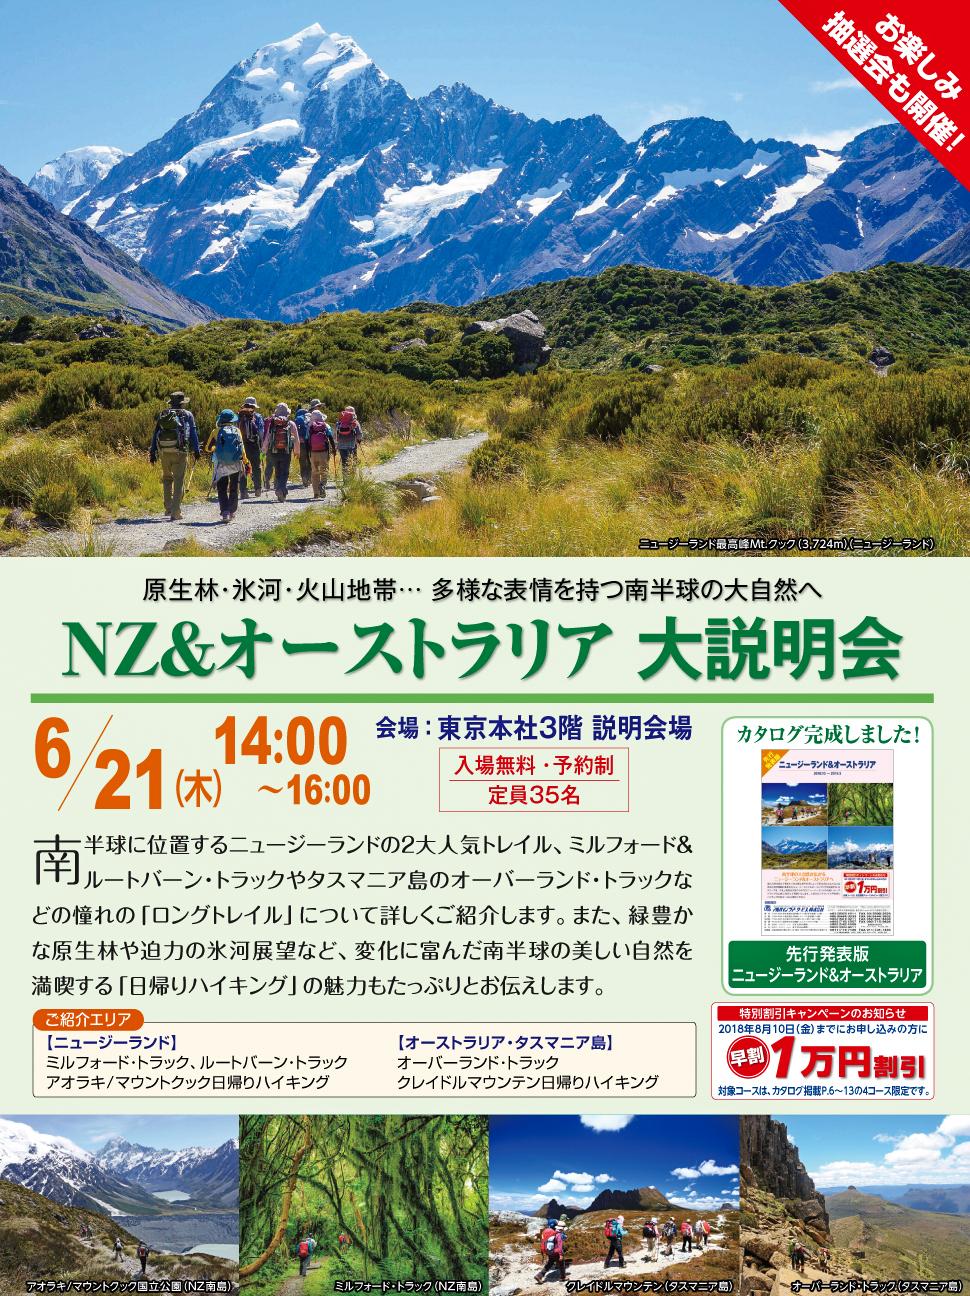 【東京】NZ&オーストラリア大説明会